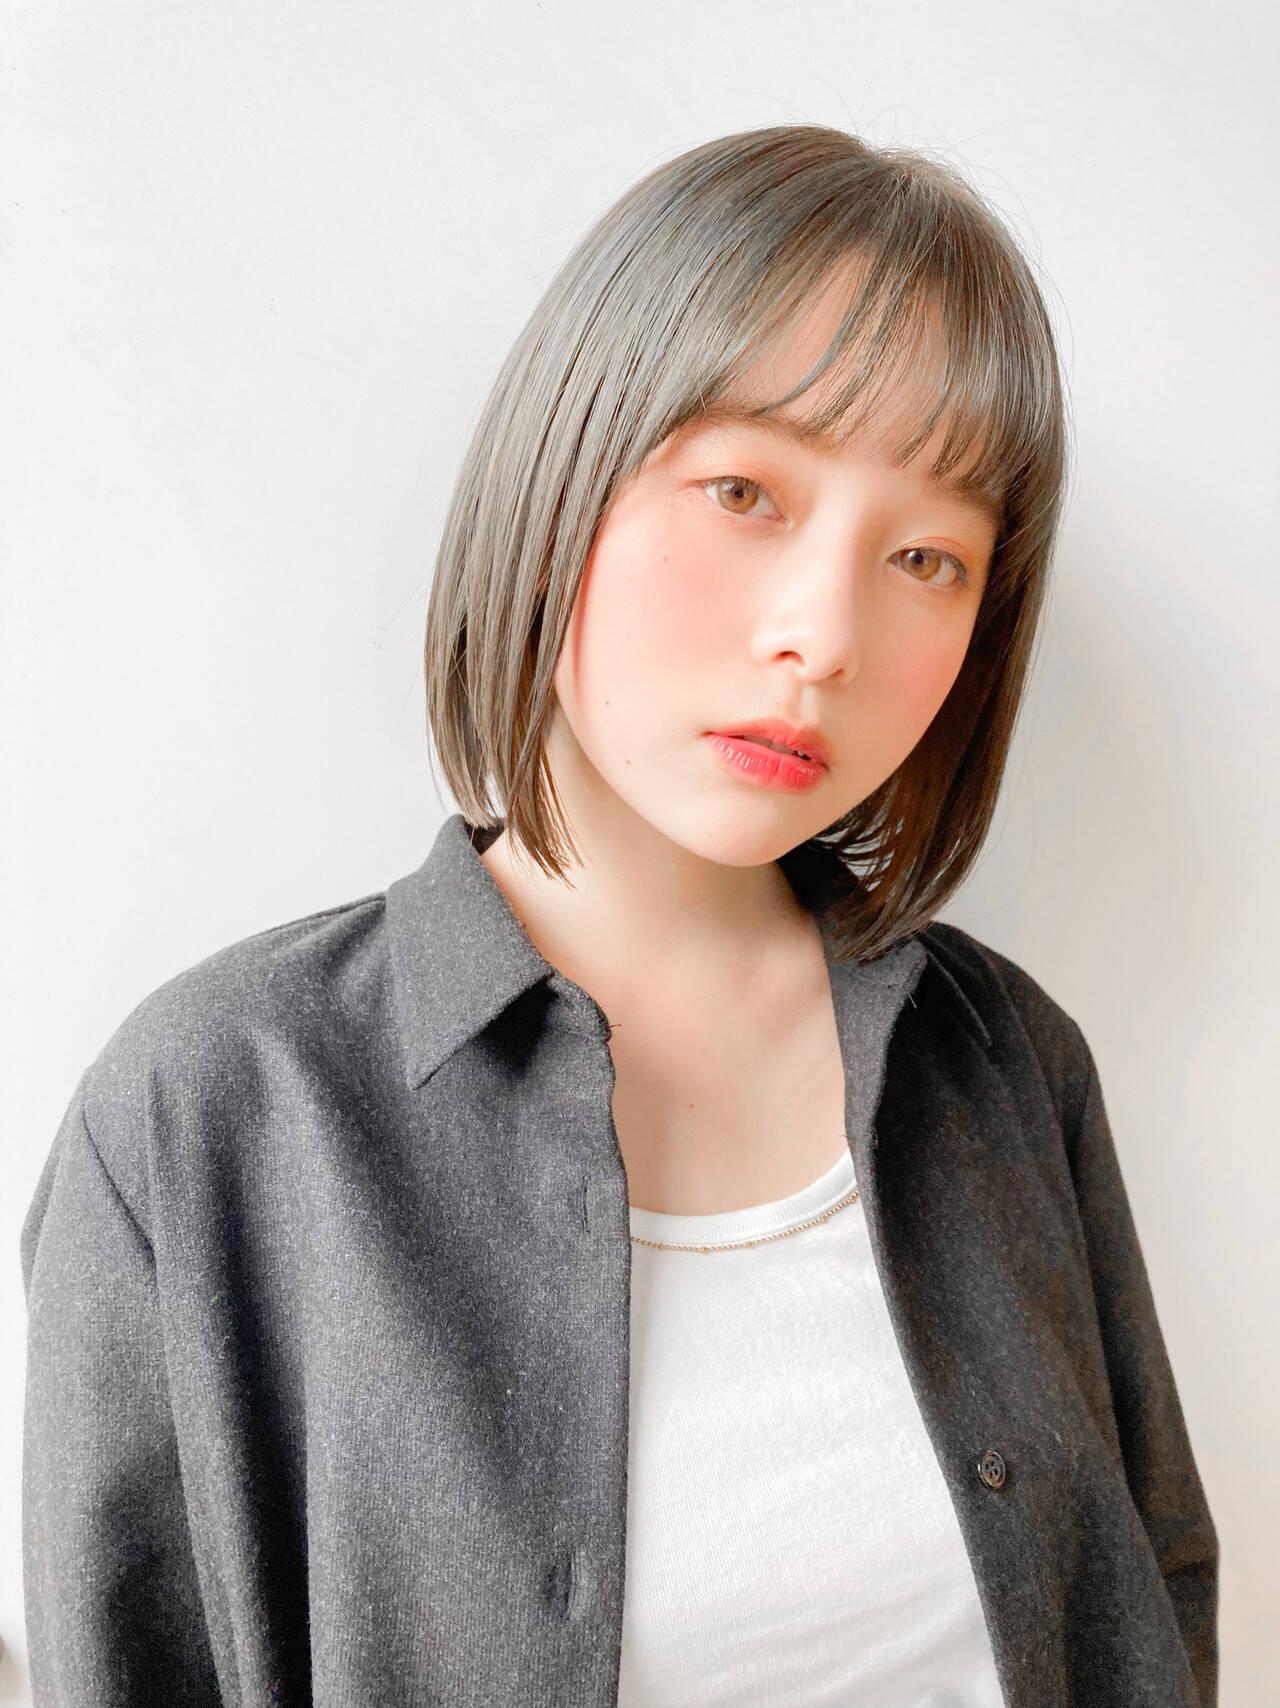 レイヤーヘアー ひし形シルエット 切りっぱなしボブ 鎖骨ミディアムヘアスタイルや髪型の写真・画像